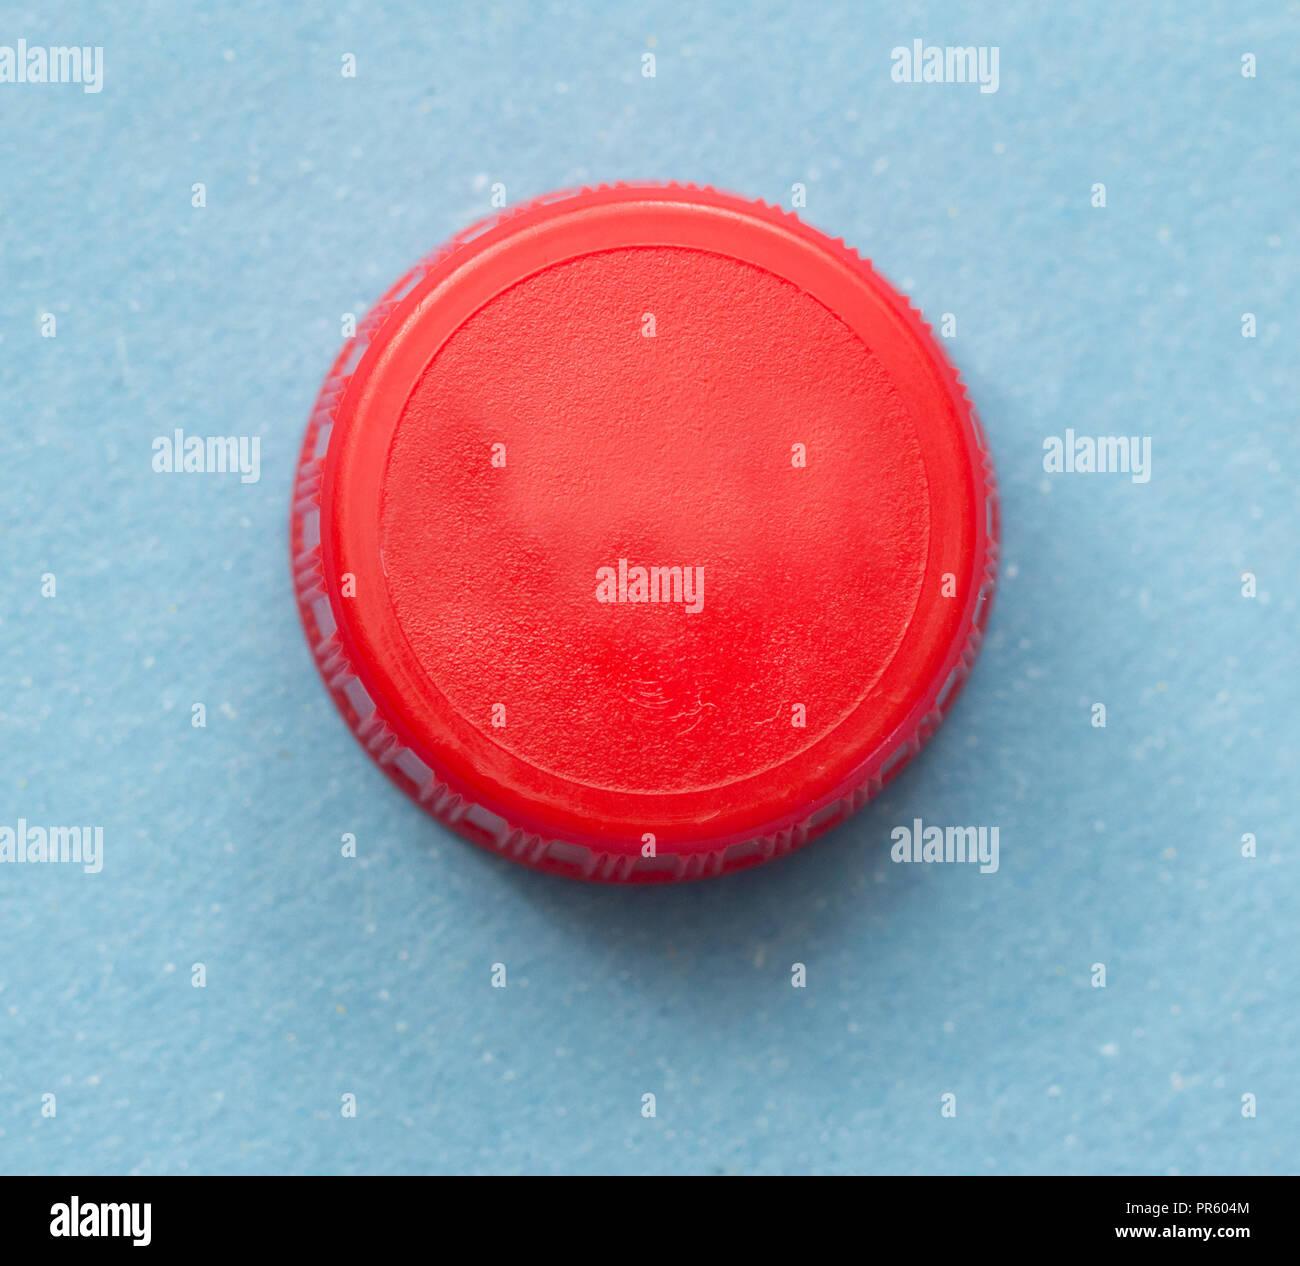 Rote Flaschenverschluss auf blauem Hintergrund Stockbild